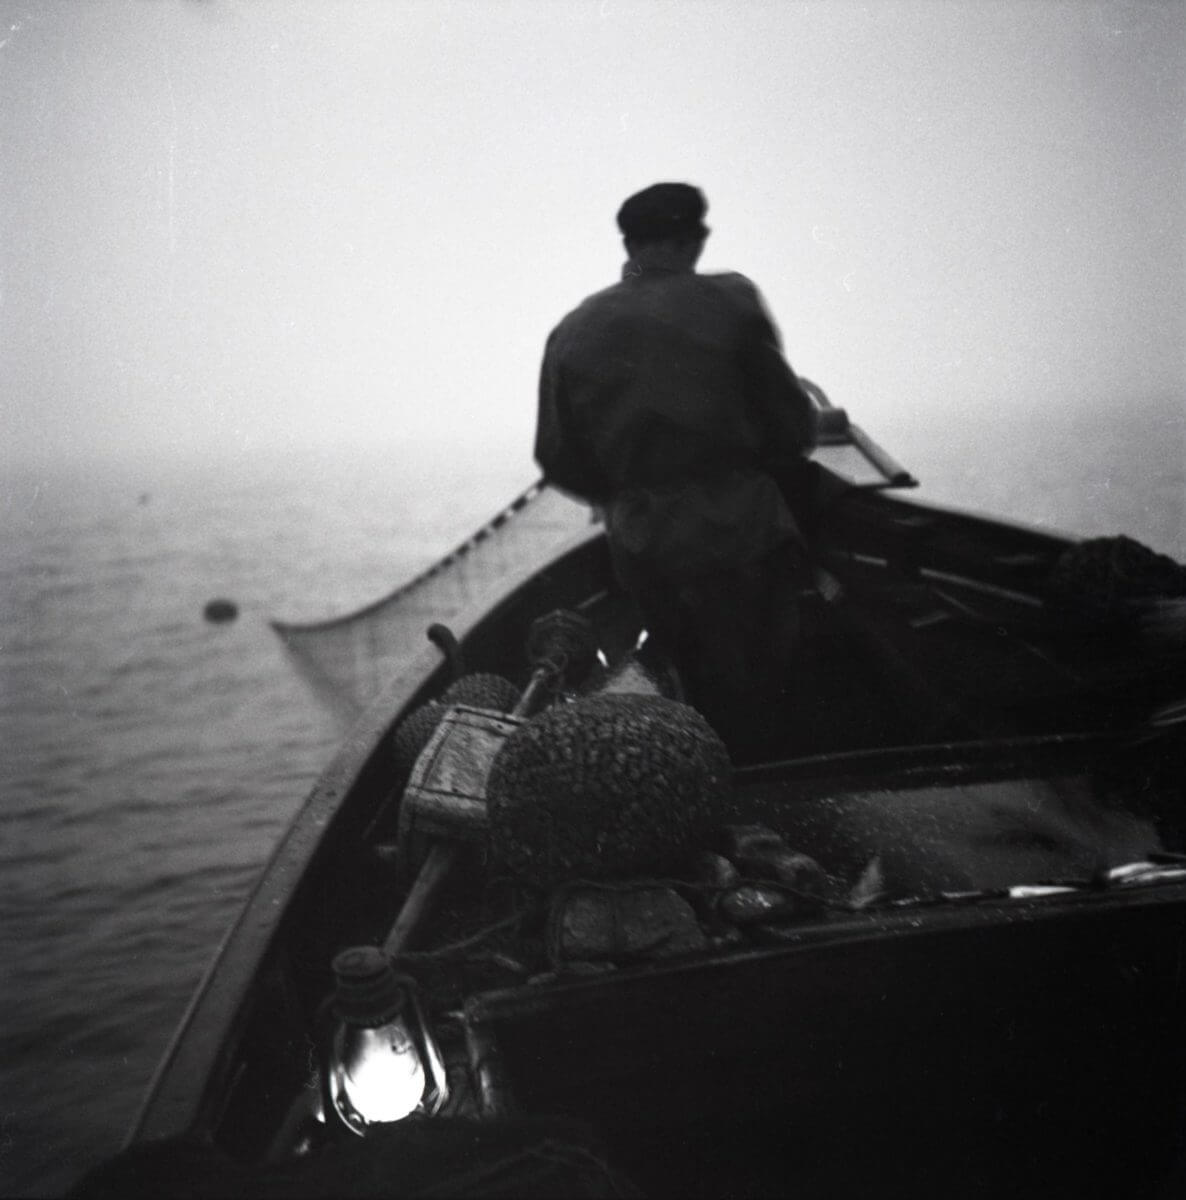 En fiskare sitter i fören på en eka och lägger i nät.